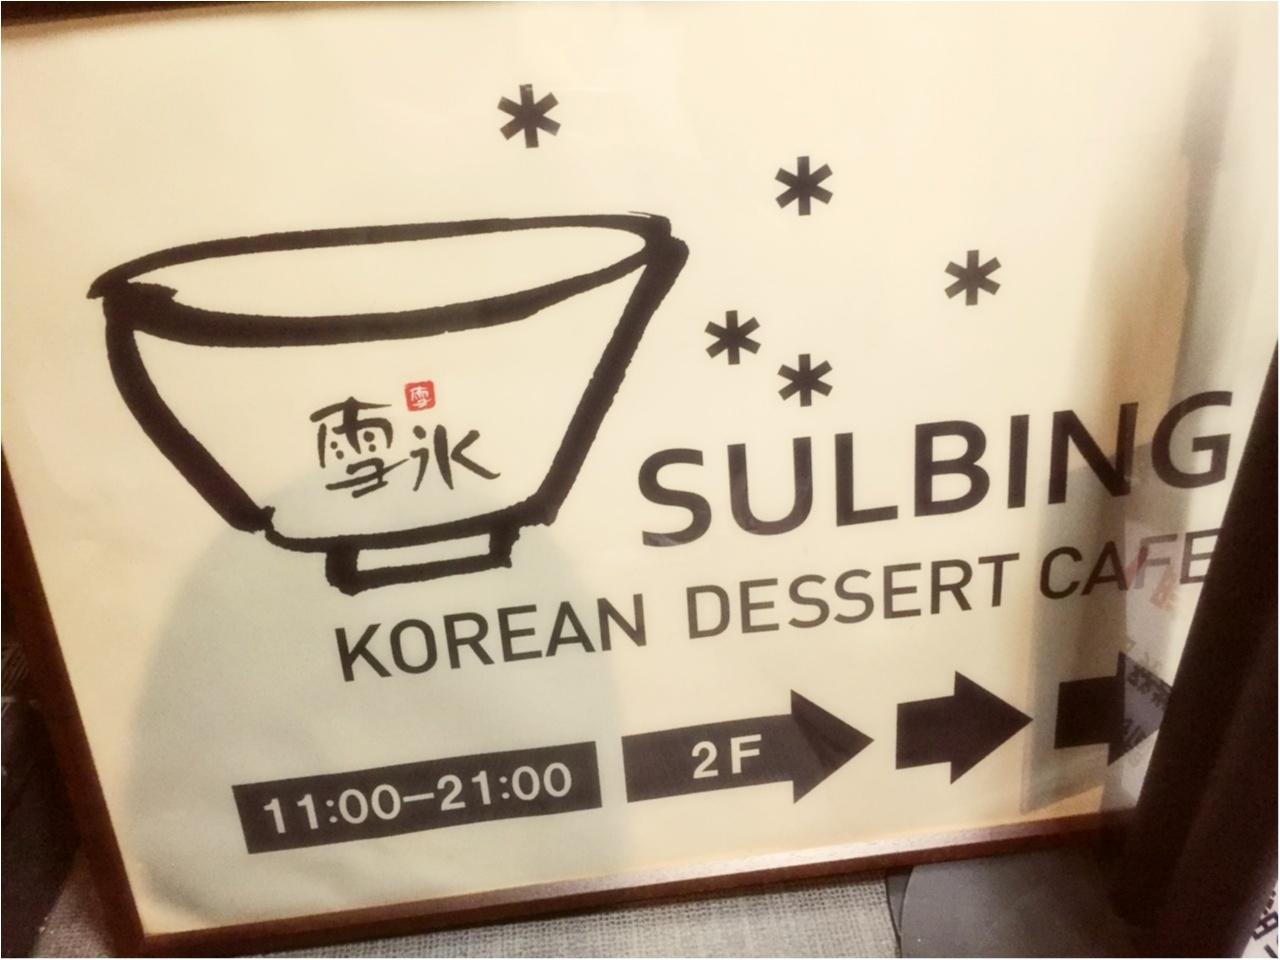 日本初上陸!韓国の人気かき氷店『ソルビン』が熱い!!!気になる待ち時間と人気メニューをチェック♡*_1